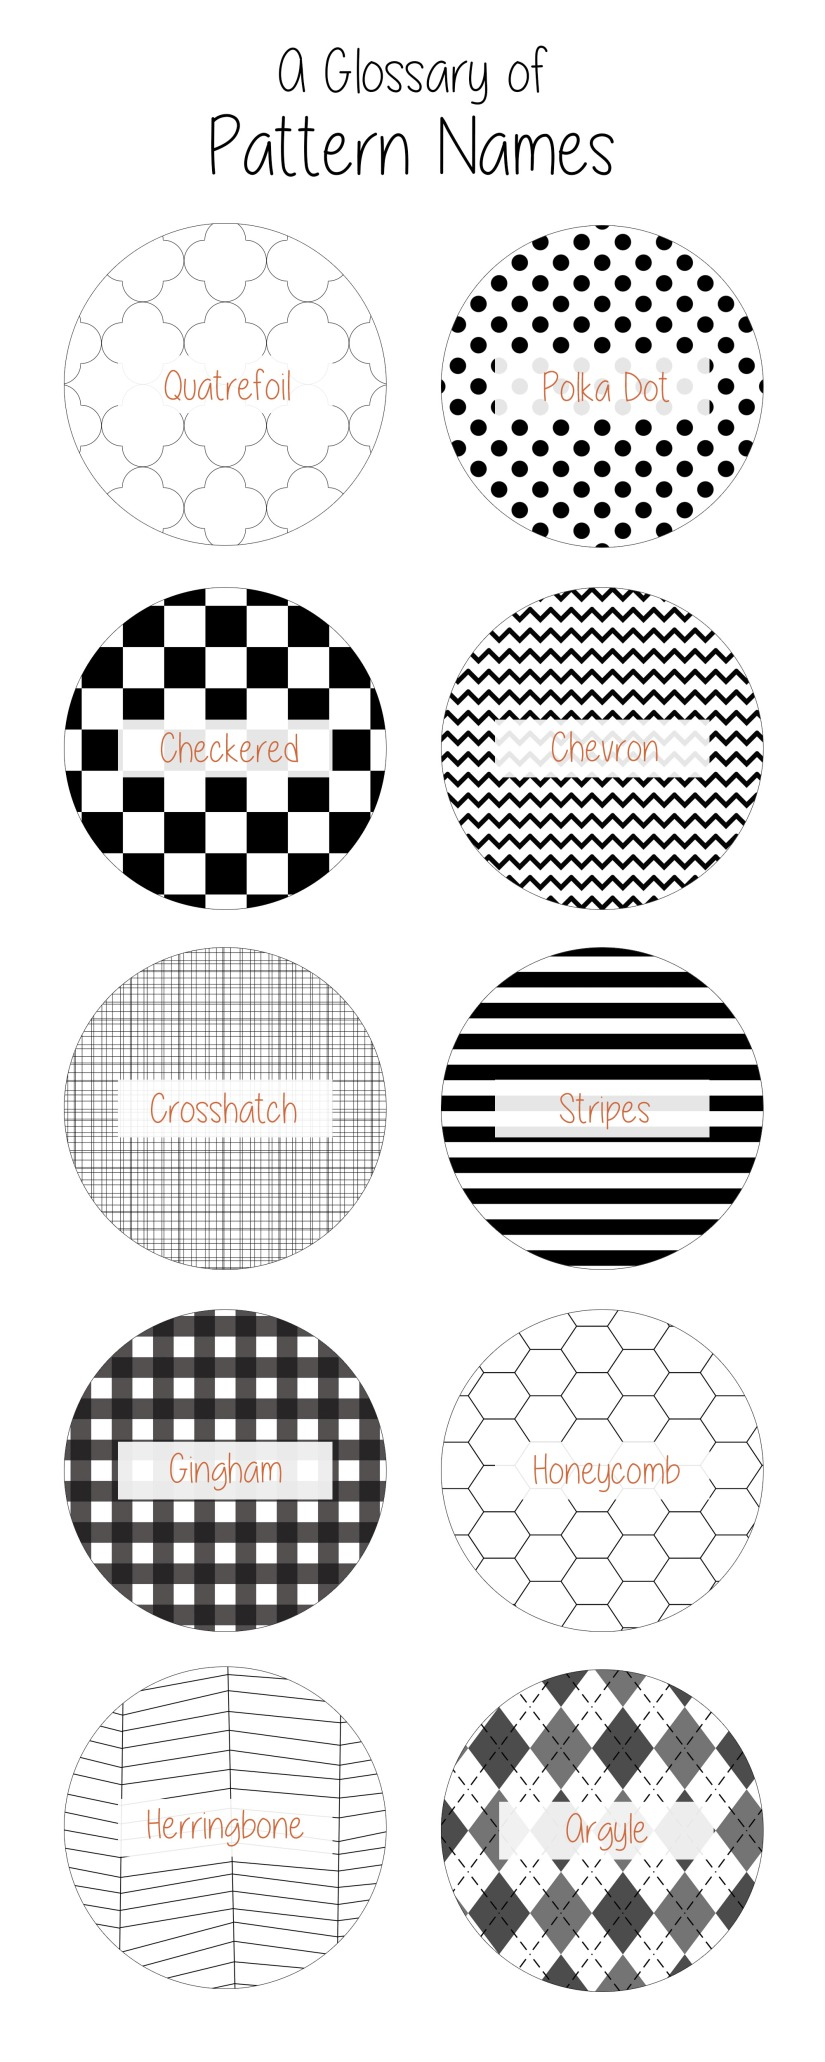 pattern-names-glossary-01-web